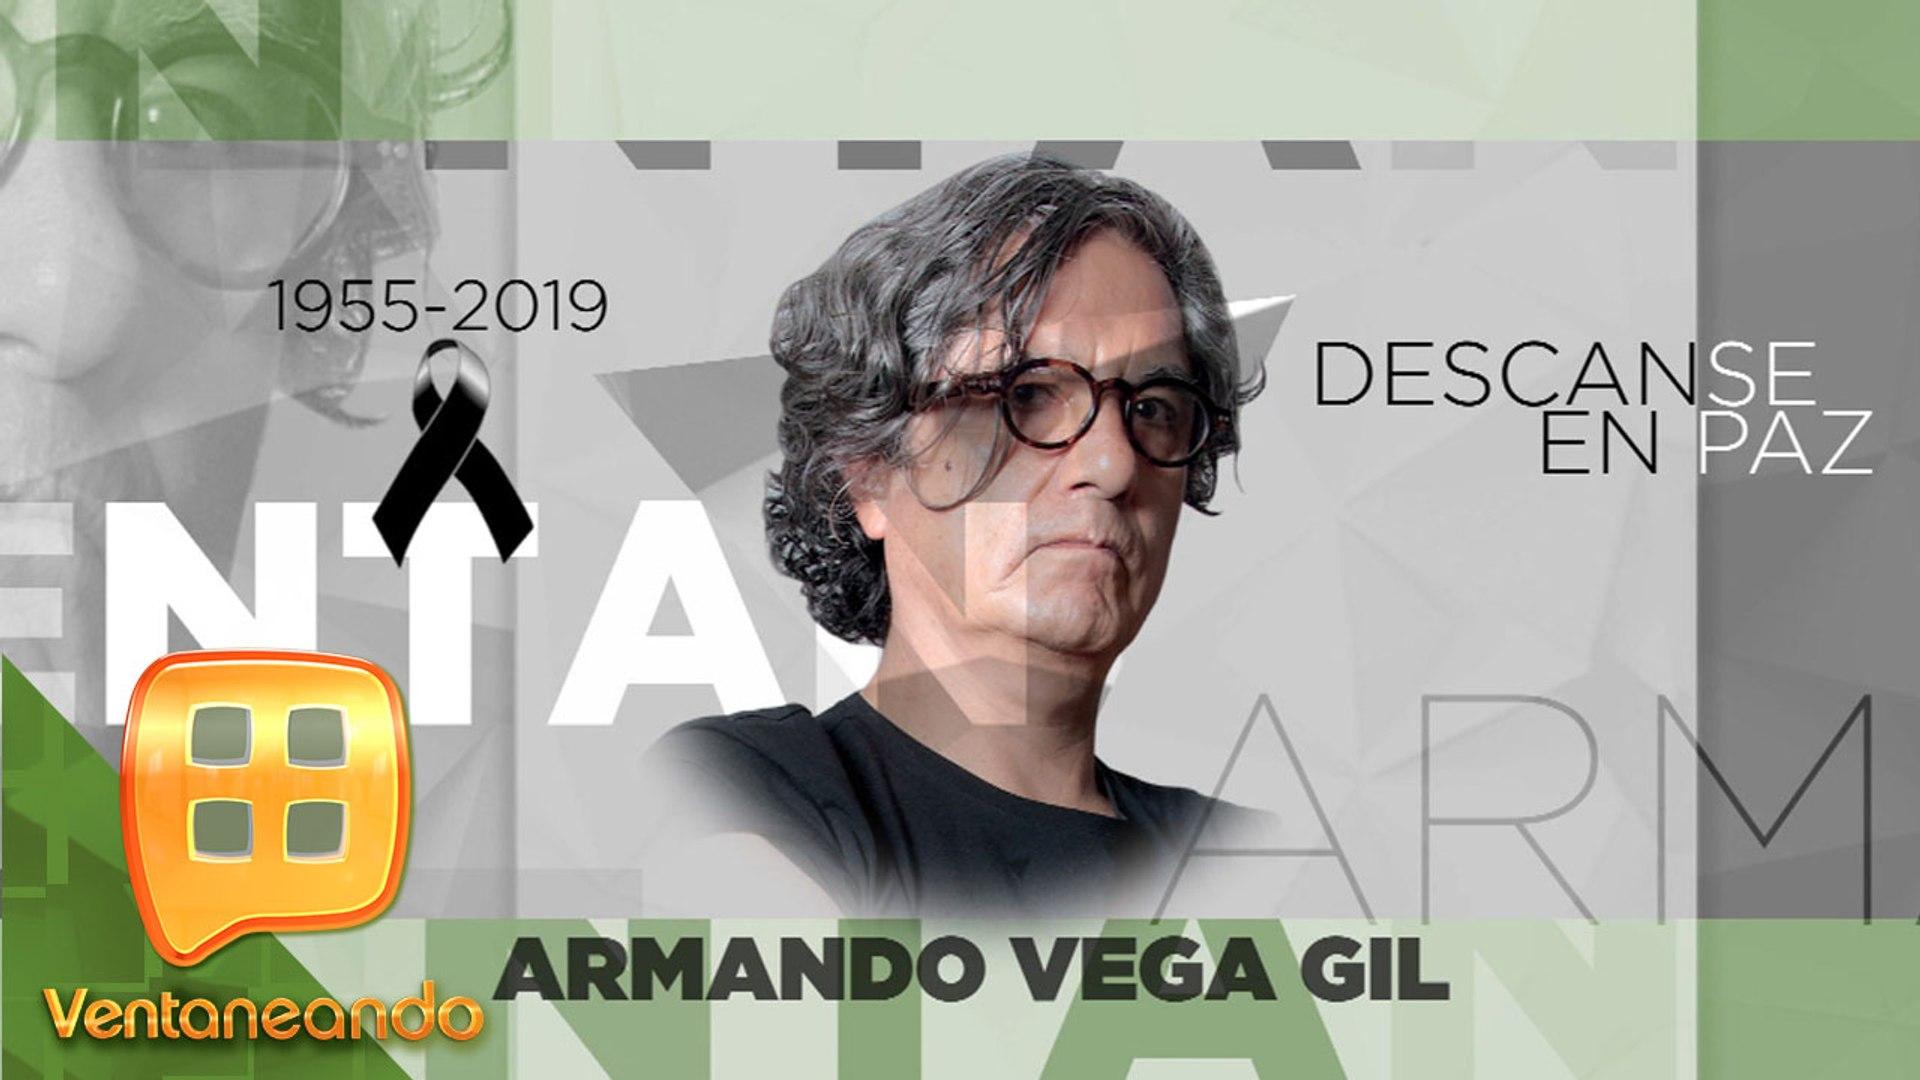 ¿Quién fue Armando Vega Gil? Aquí te lo contamos en un recuento de su vida y trayectoria.